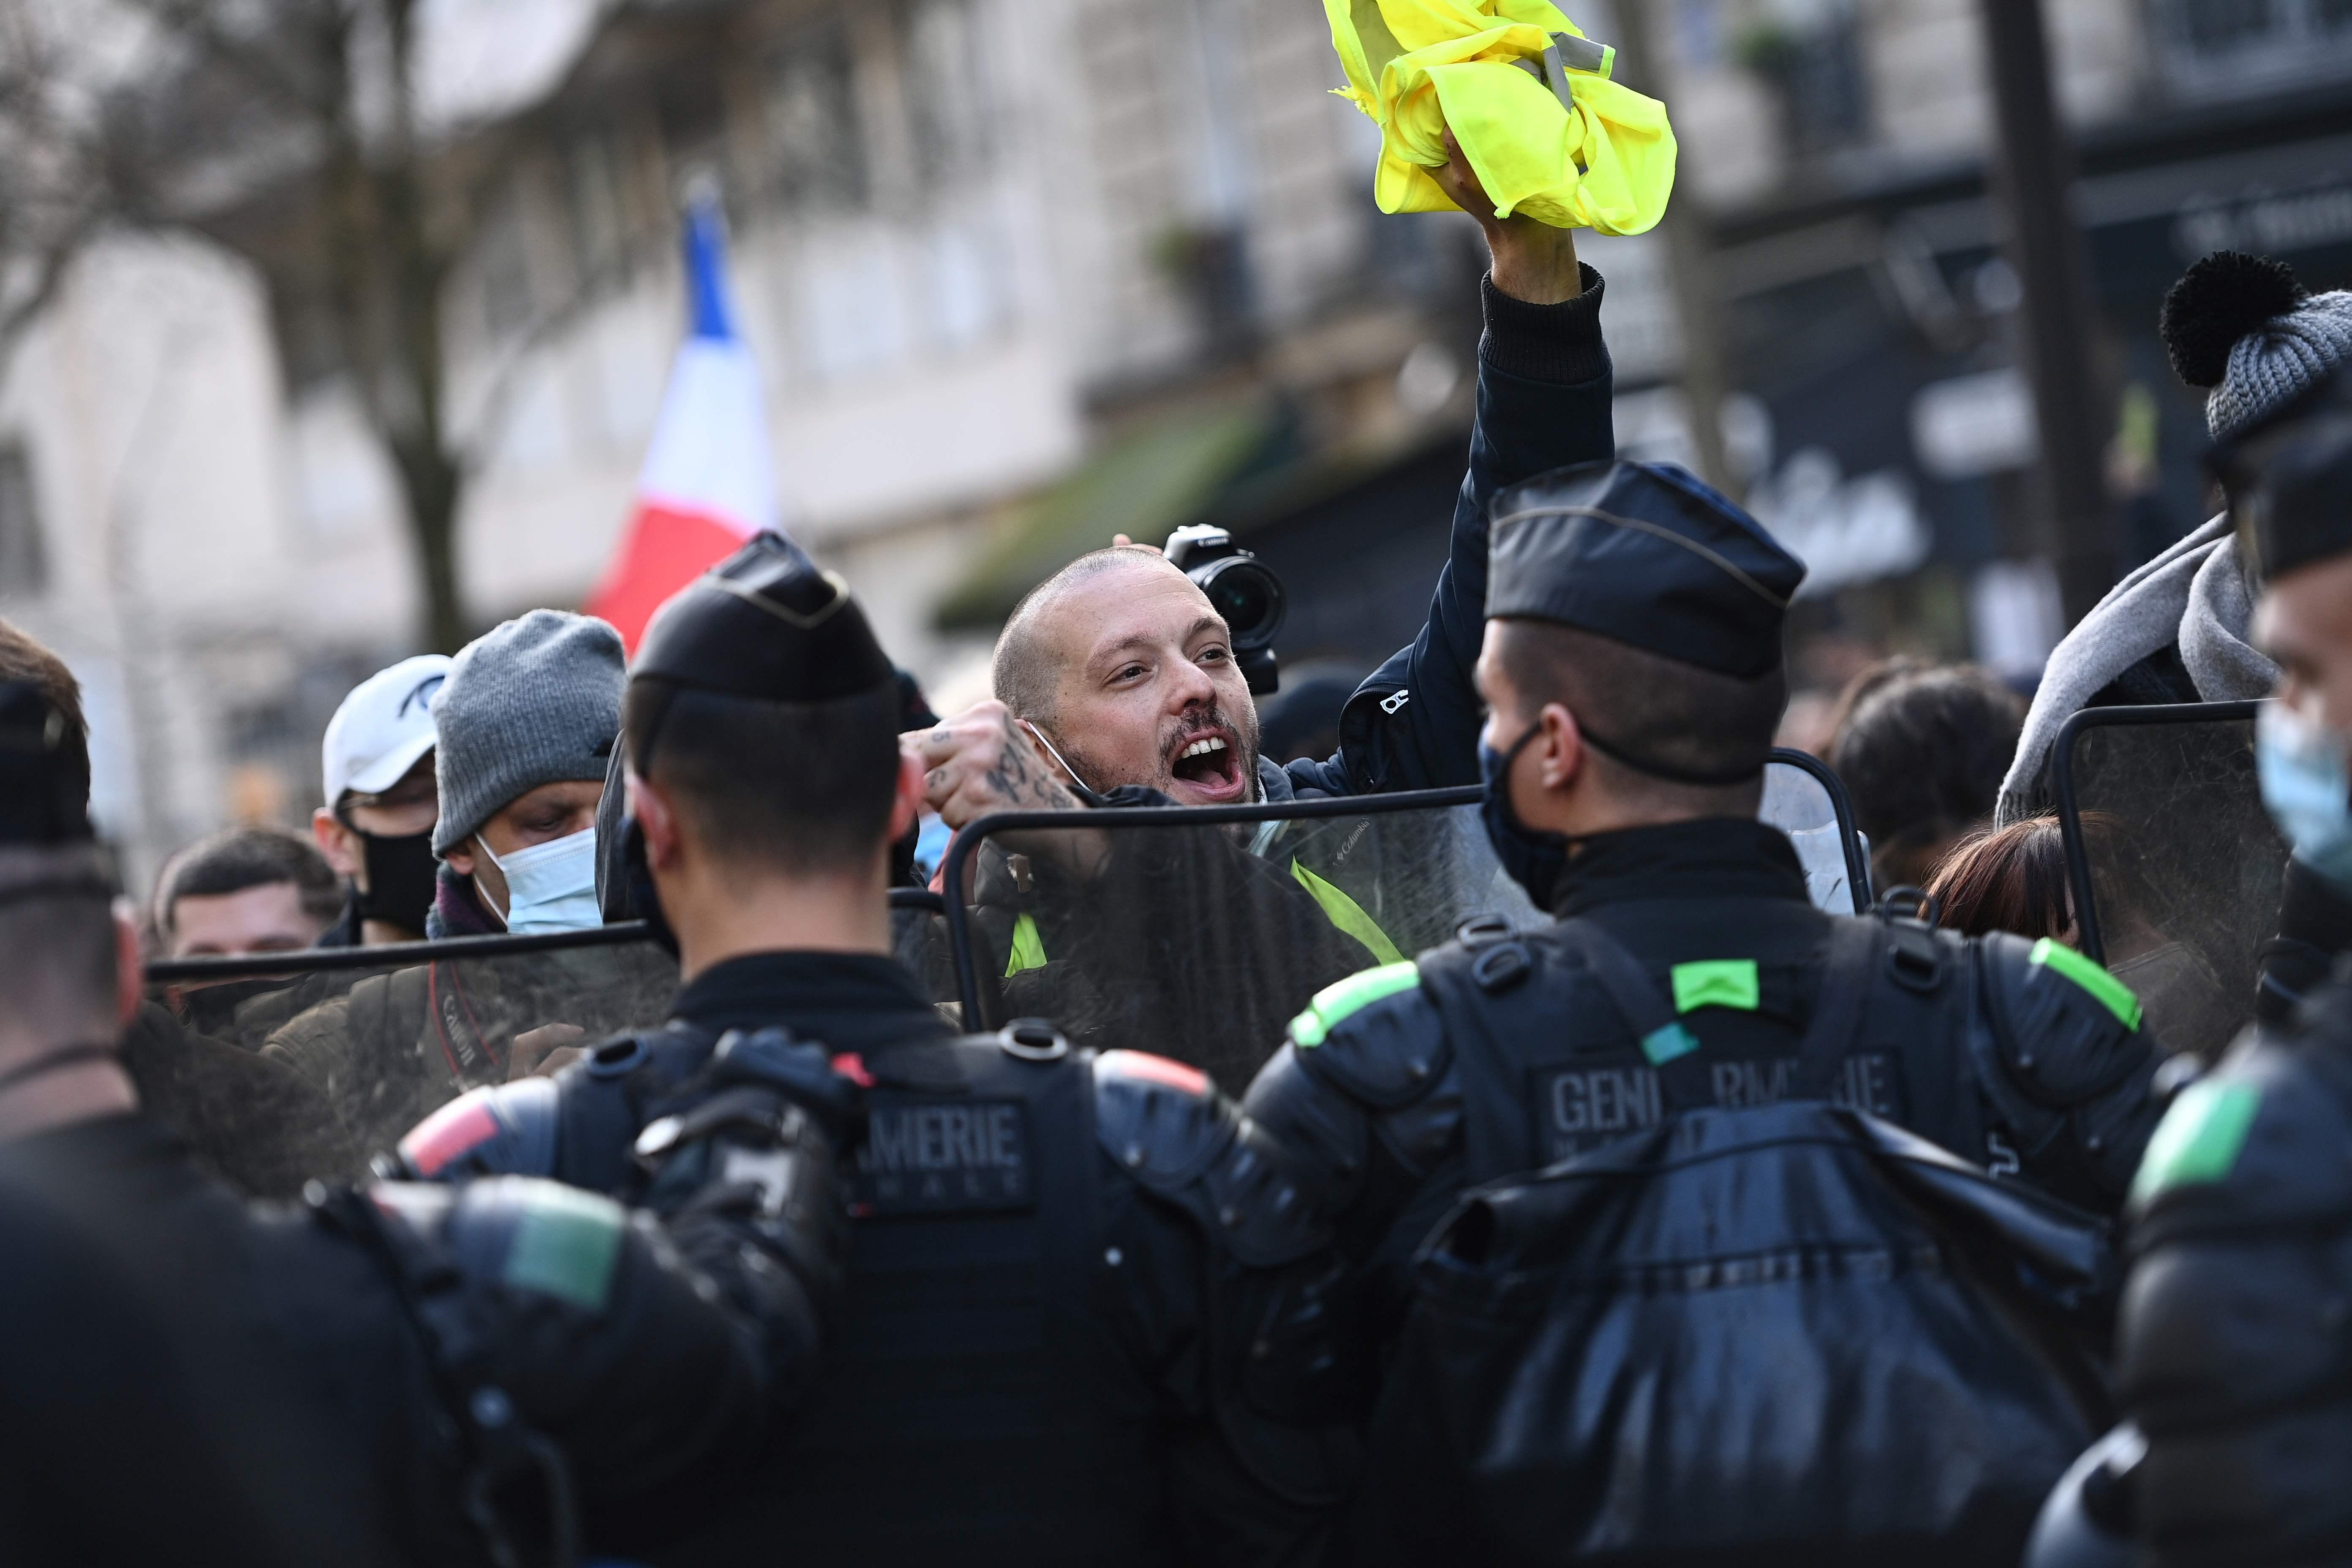 Protesta contra la ley de seguridad de Macron, en París.